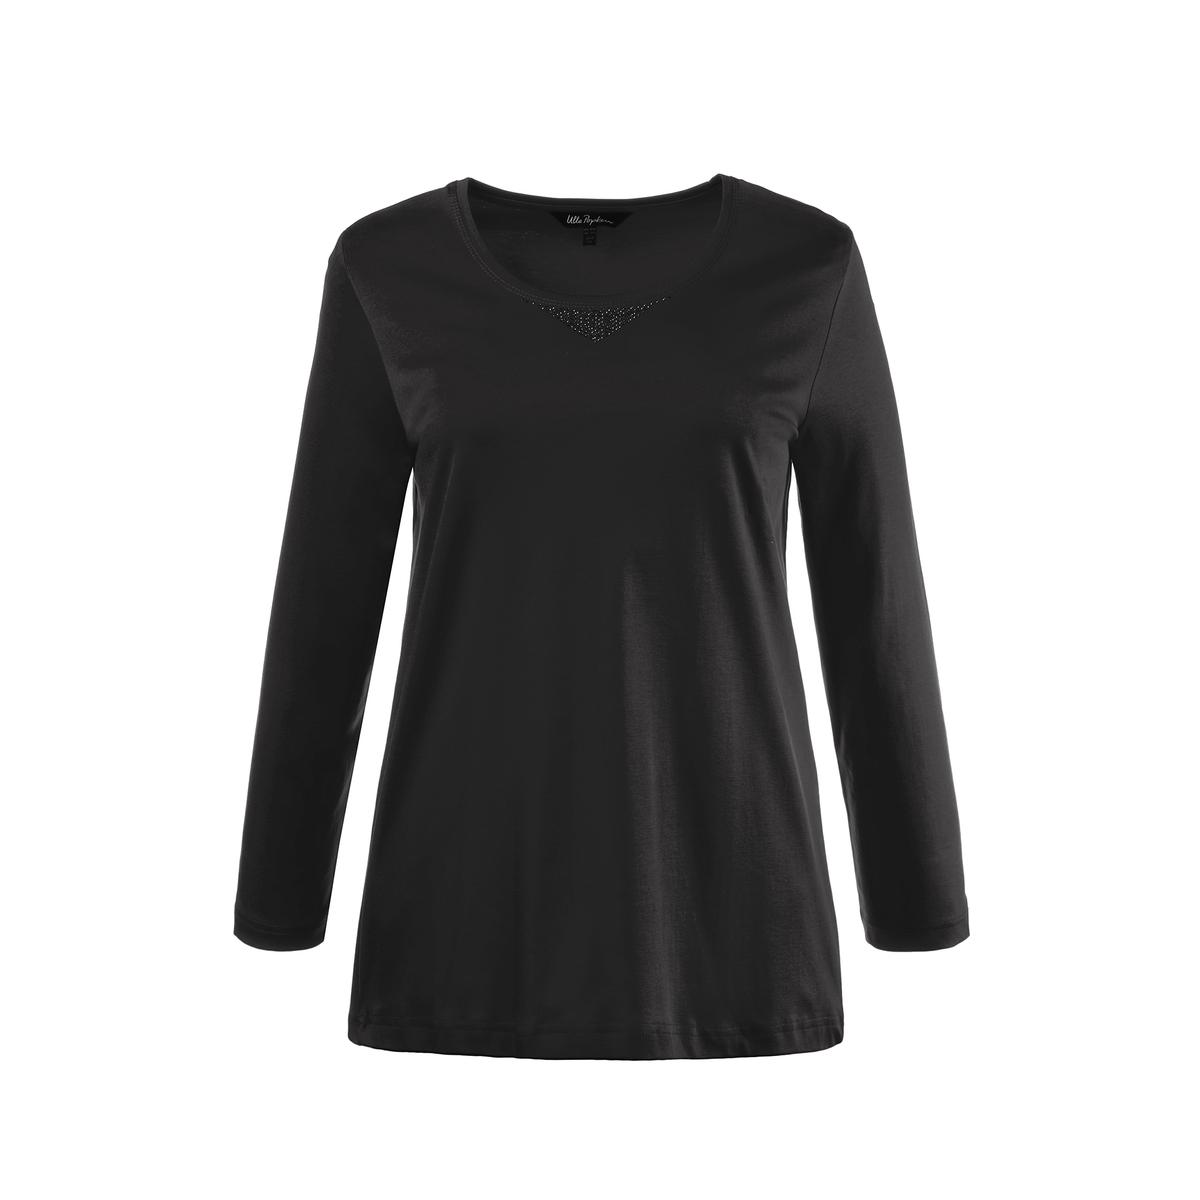 БлузкаБлузка - ULLA POPKEN. 100% хлопка. Блузка с длинными рукавами из хлопка Пима, с небольшим мотивом из страз . Круглый вырез и длинные рукава . Длина зависит от размера: 68-78 см.<br><br>Цвет: черный